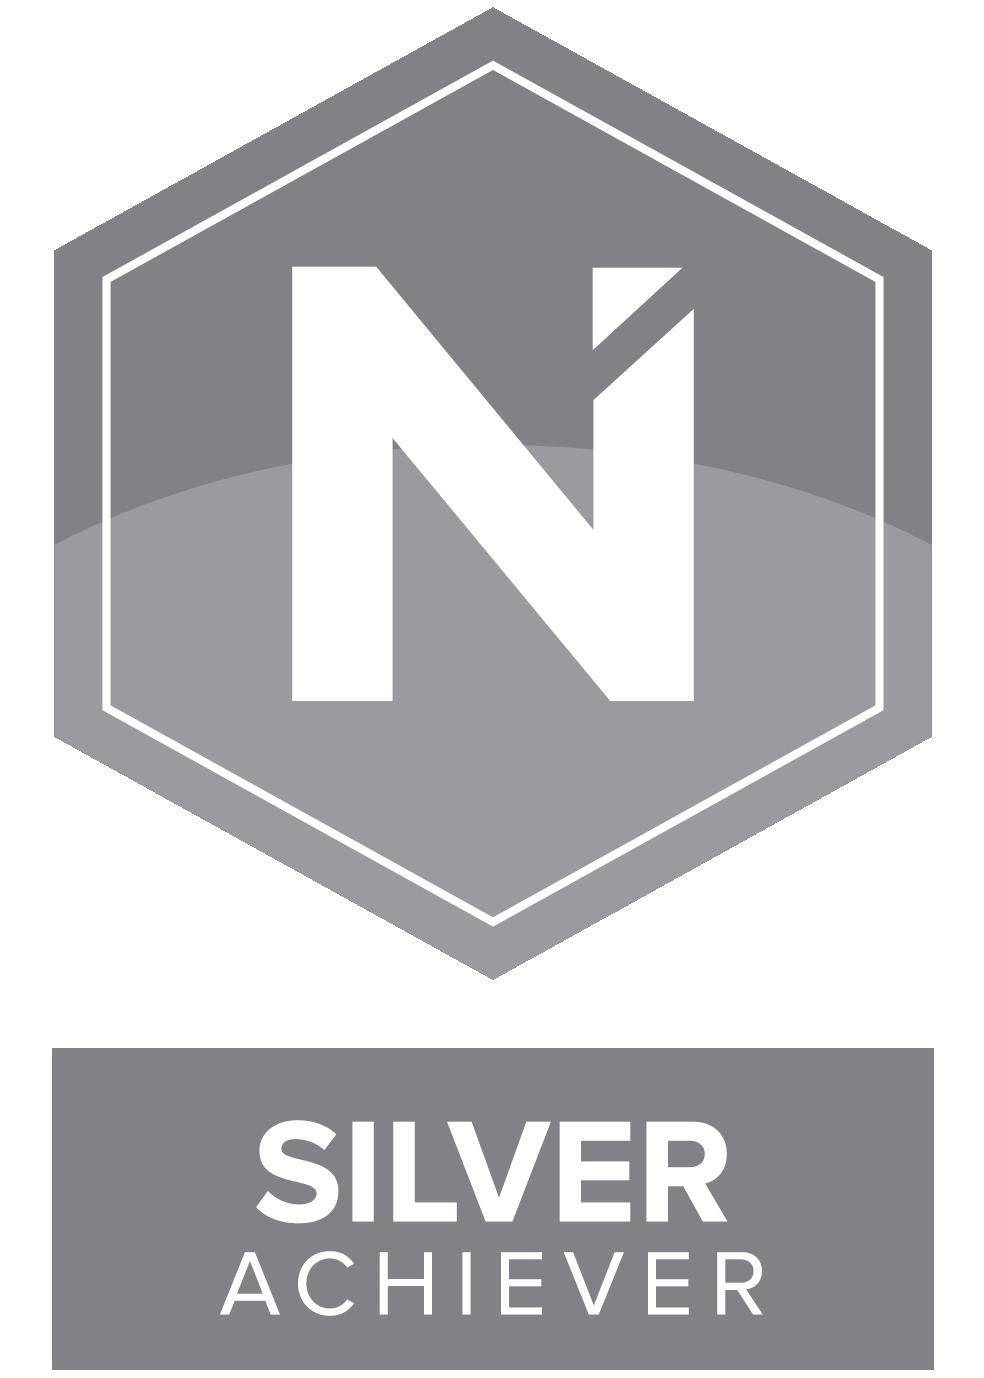 Nidd - Silver Achiever Icon